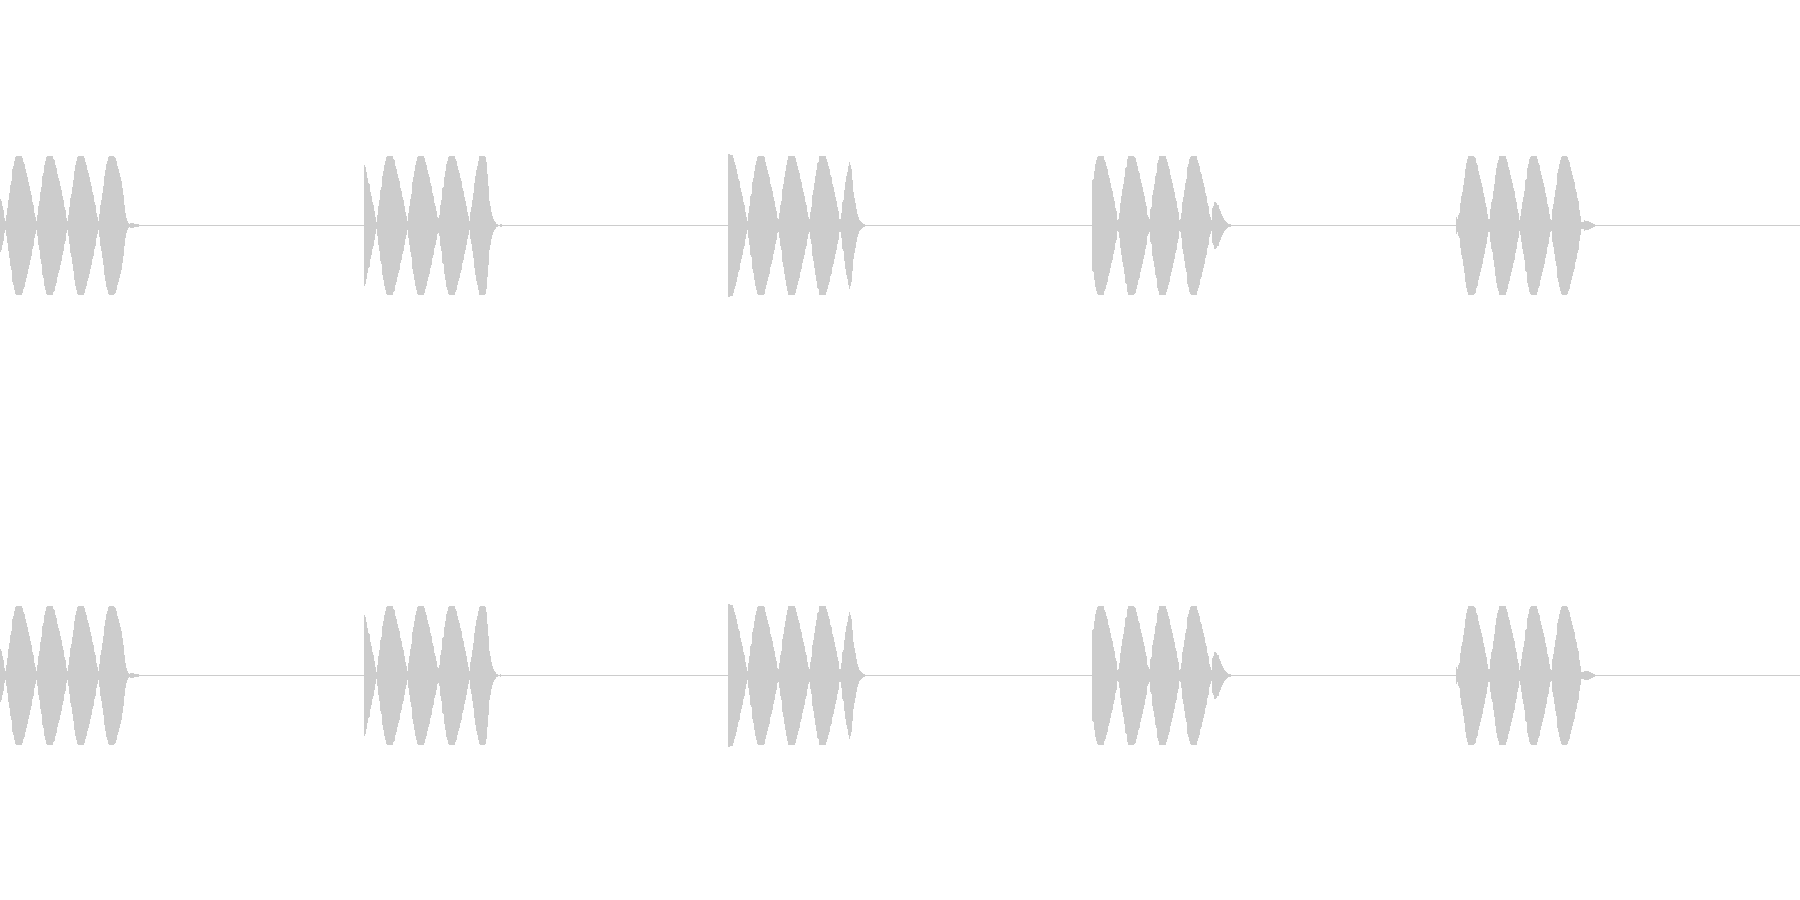 電話の着信音(5回鳴ります)の未再生の波形